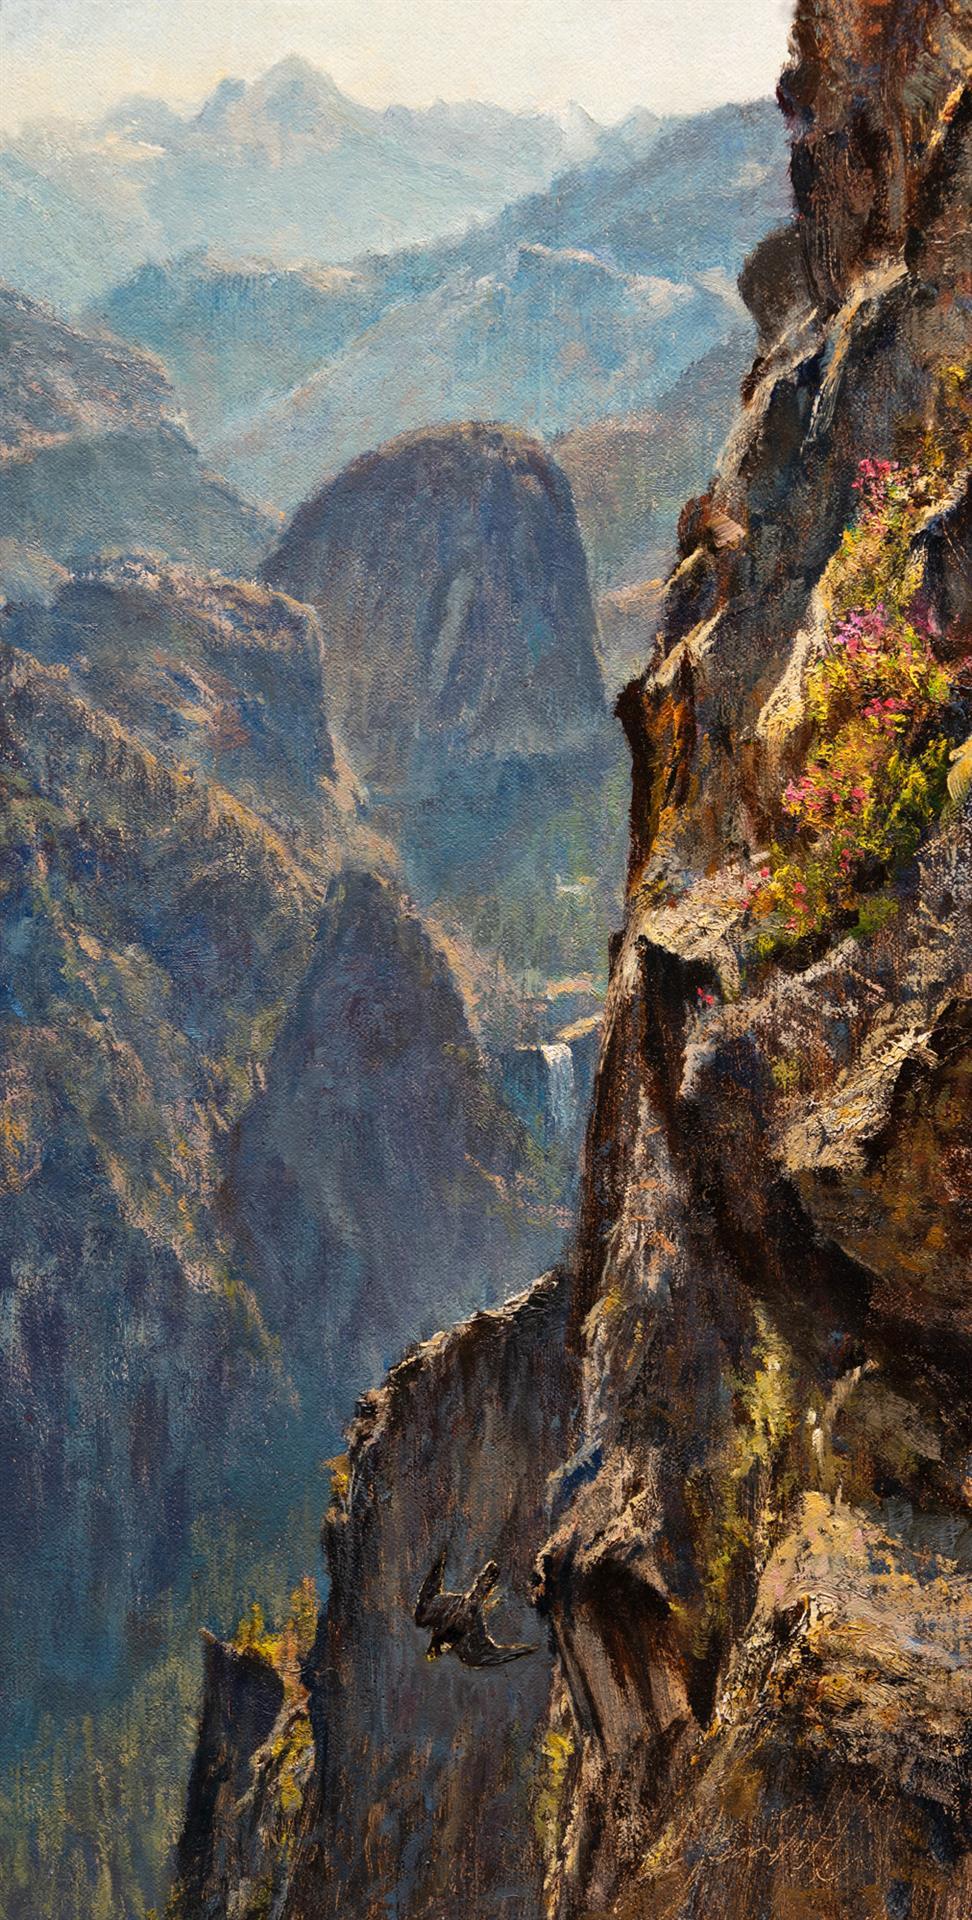 Peregrine Territory, James McGrew